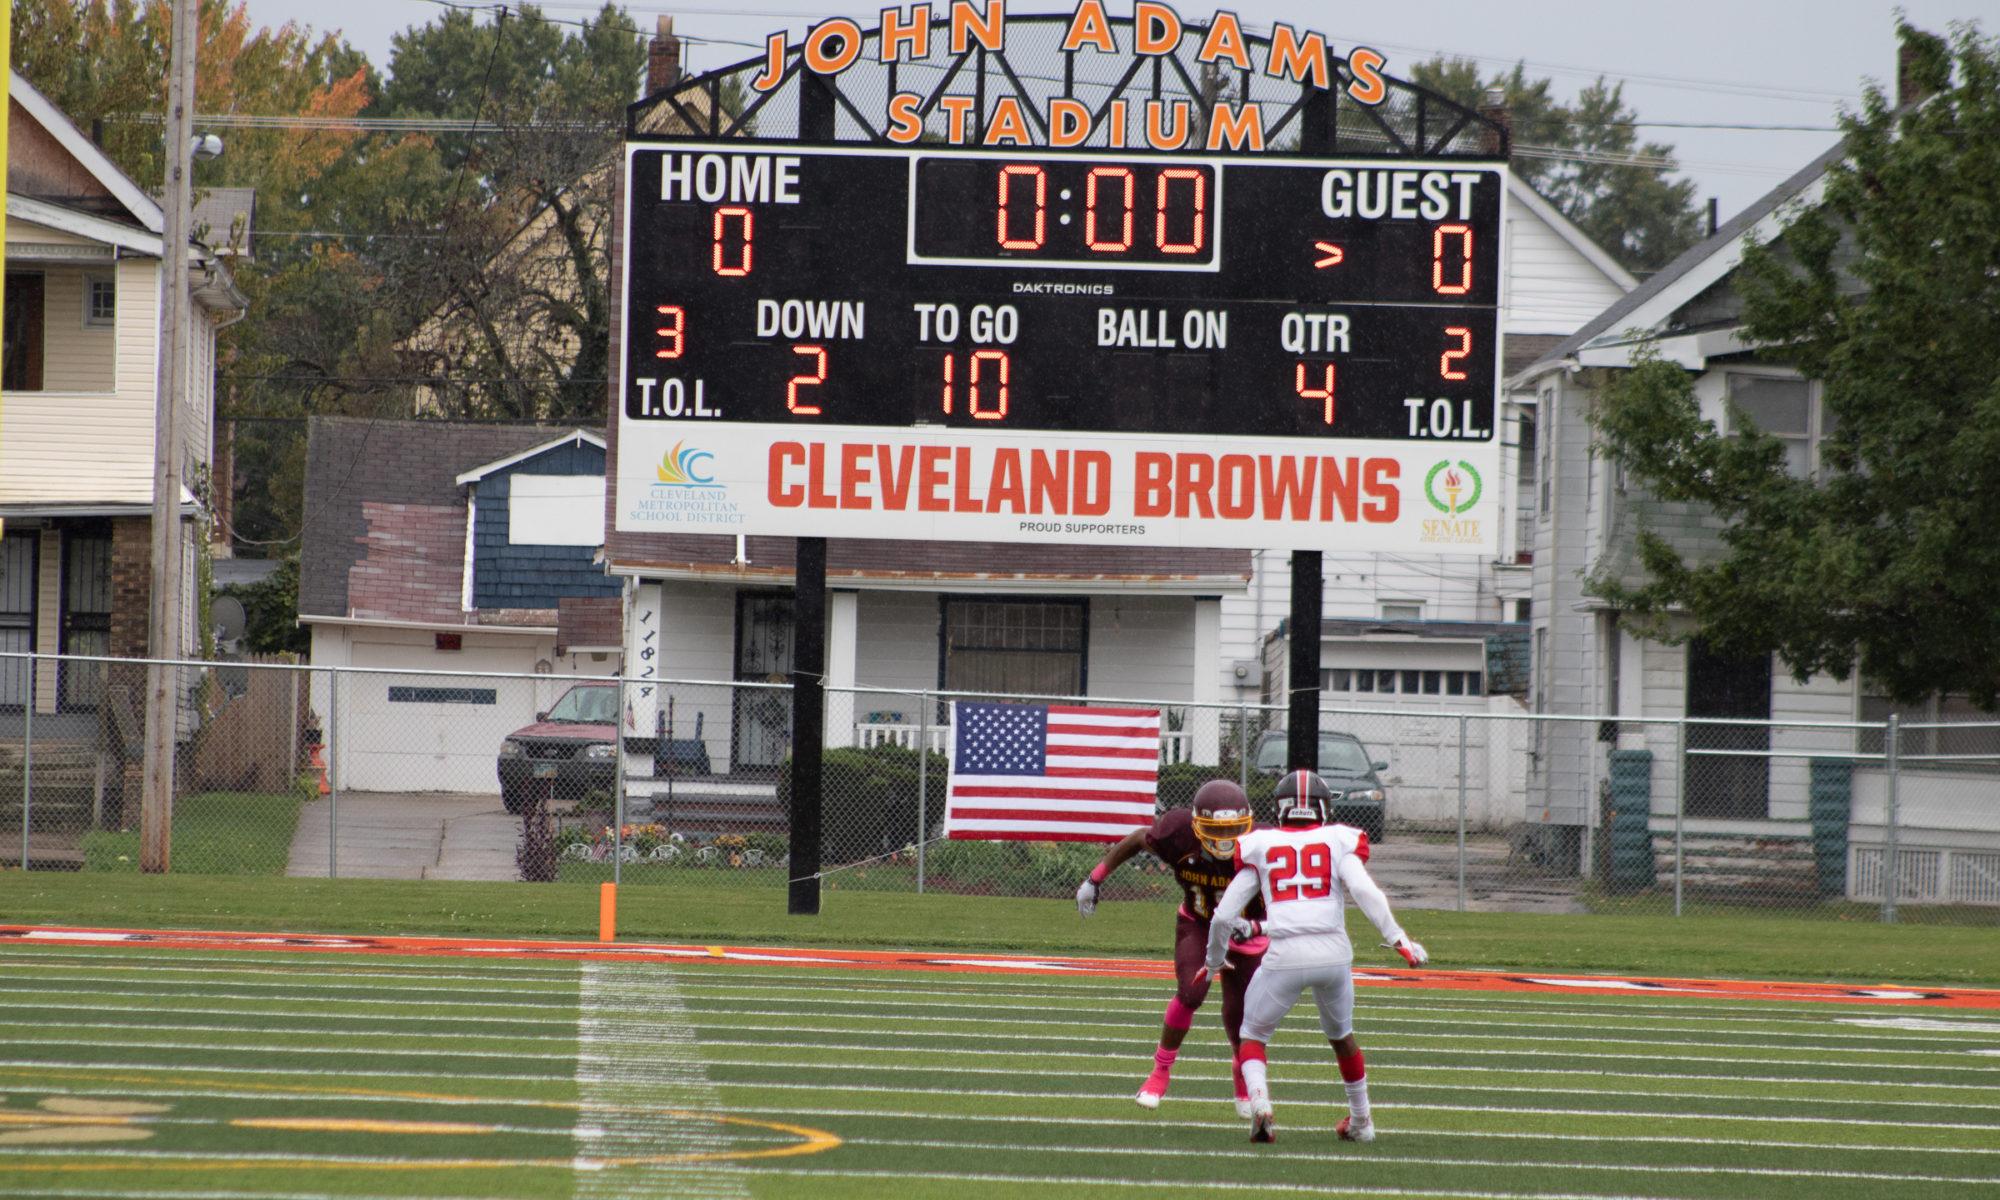 Glenville v. John Adams, John Adams Stadium, Cleveland, Ohio